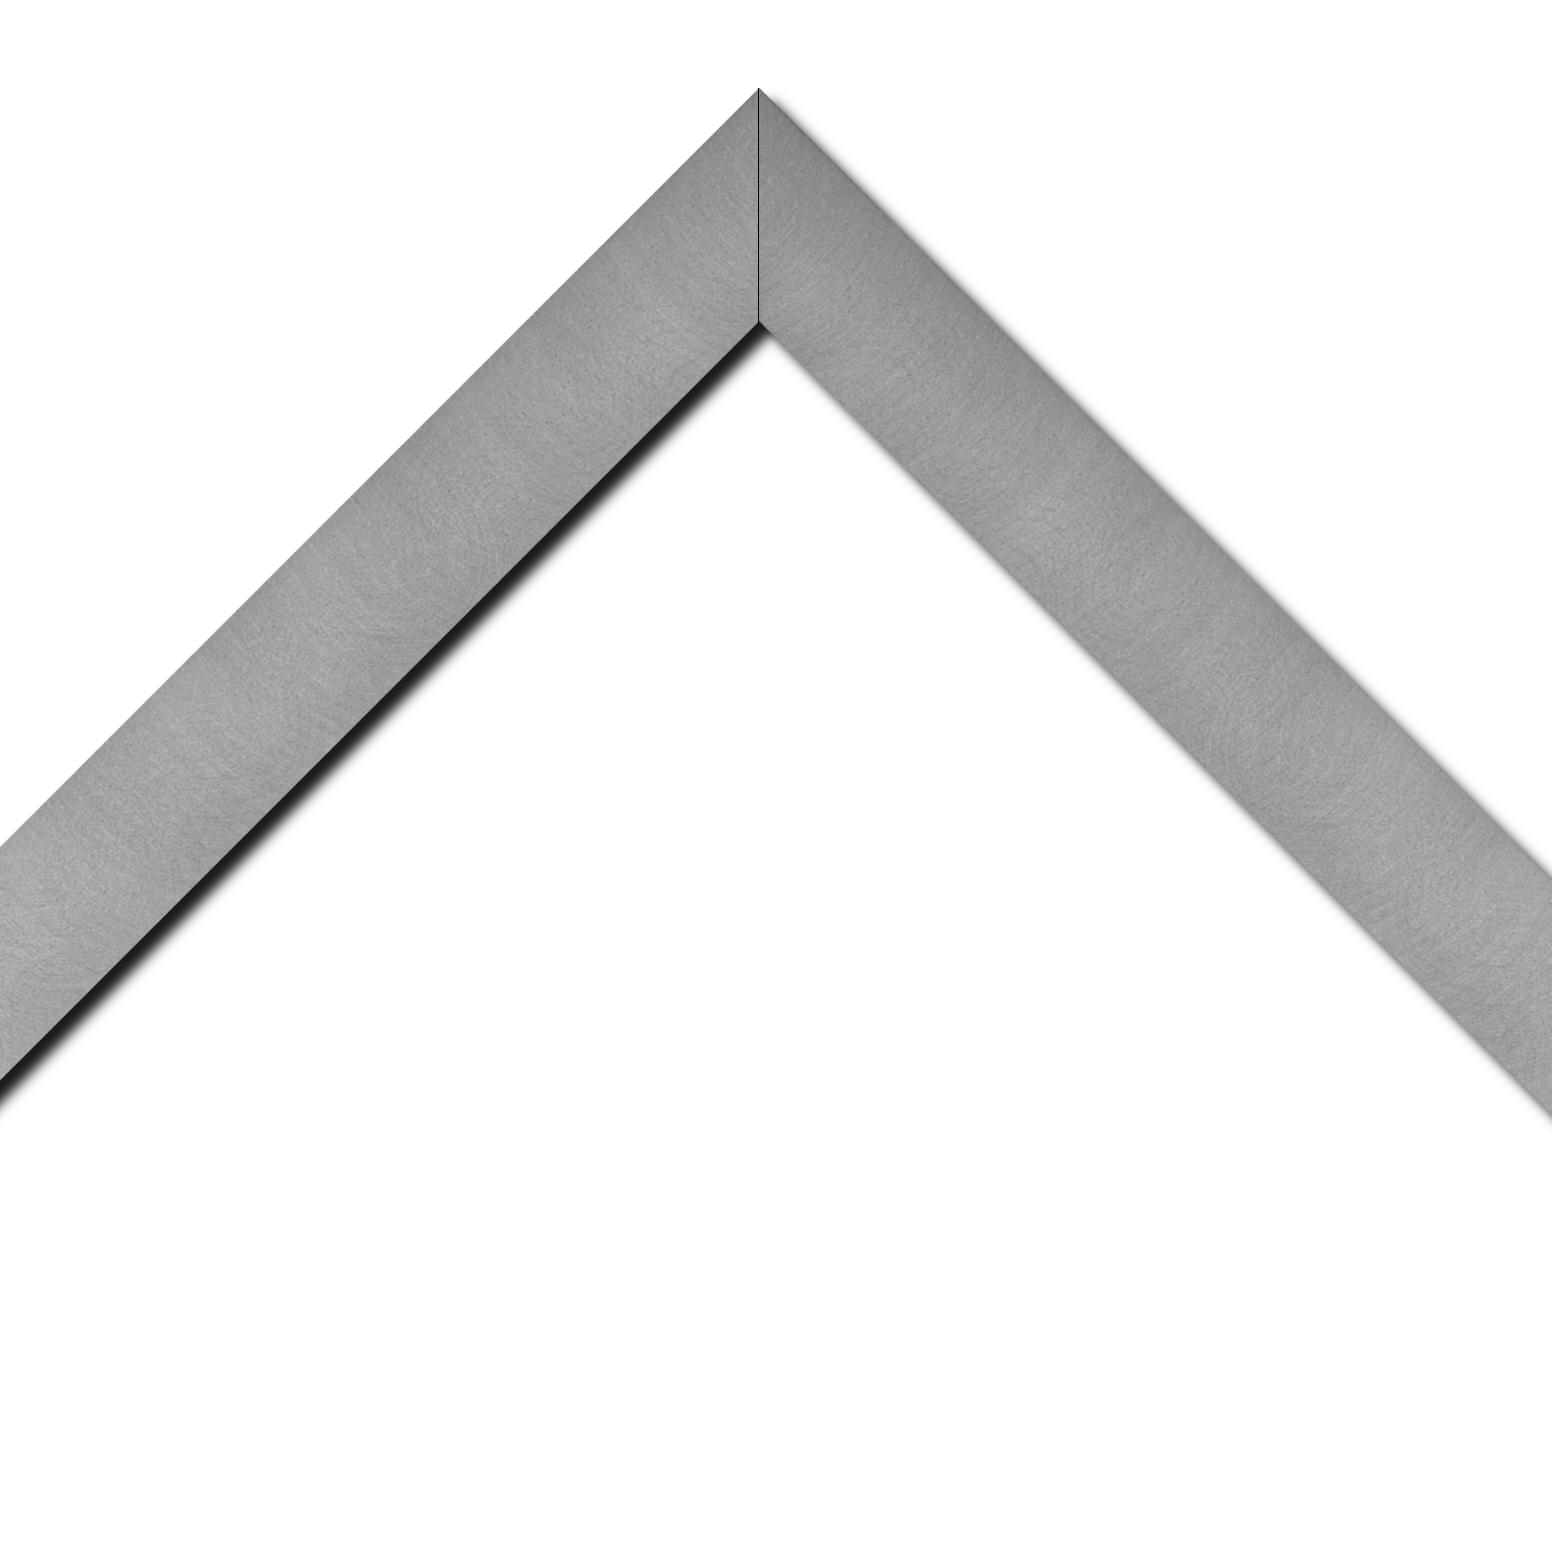 Baguette médium recouvert aluminium profil plat largeur 4cm couleur argent brossé